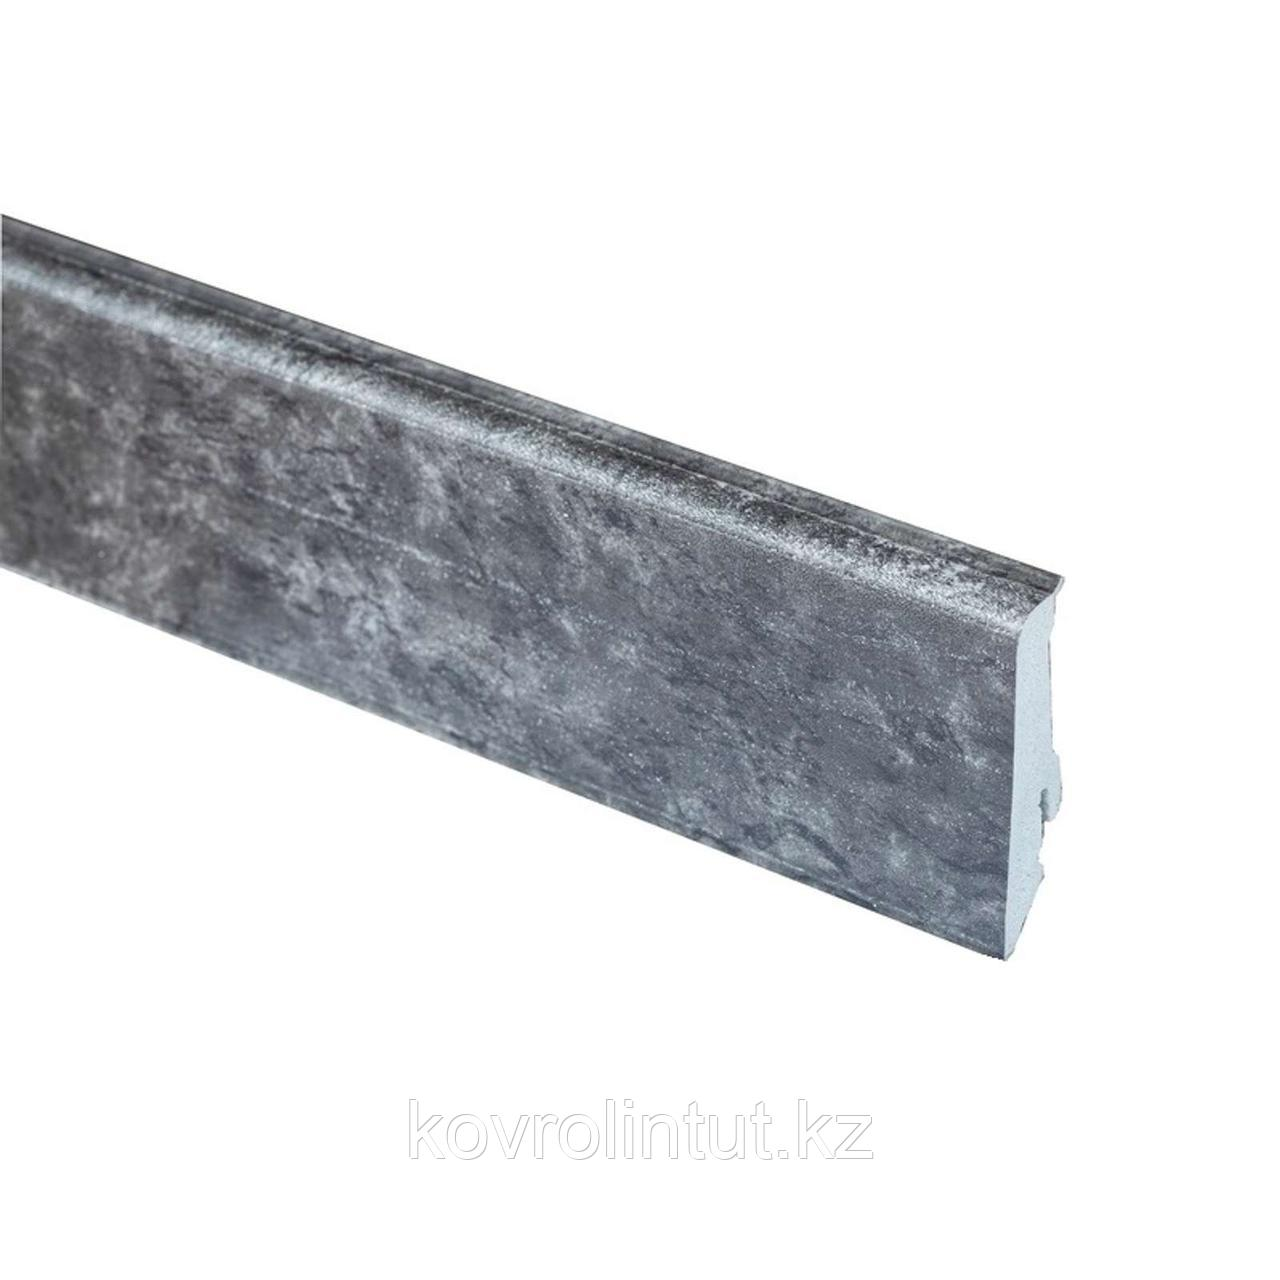 Плинтус композитный для LVT Neuhofer Holz, K0210L, 714923, 2400х59х17 мм